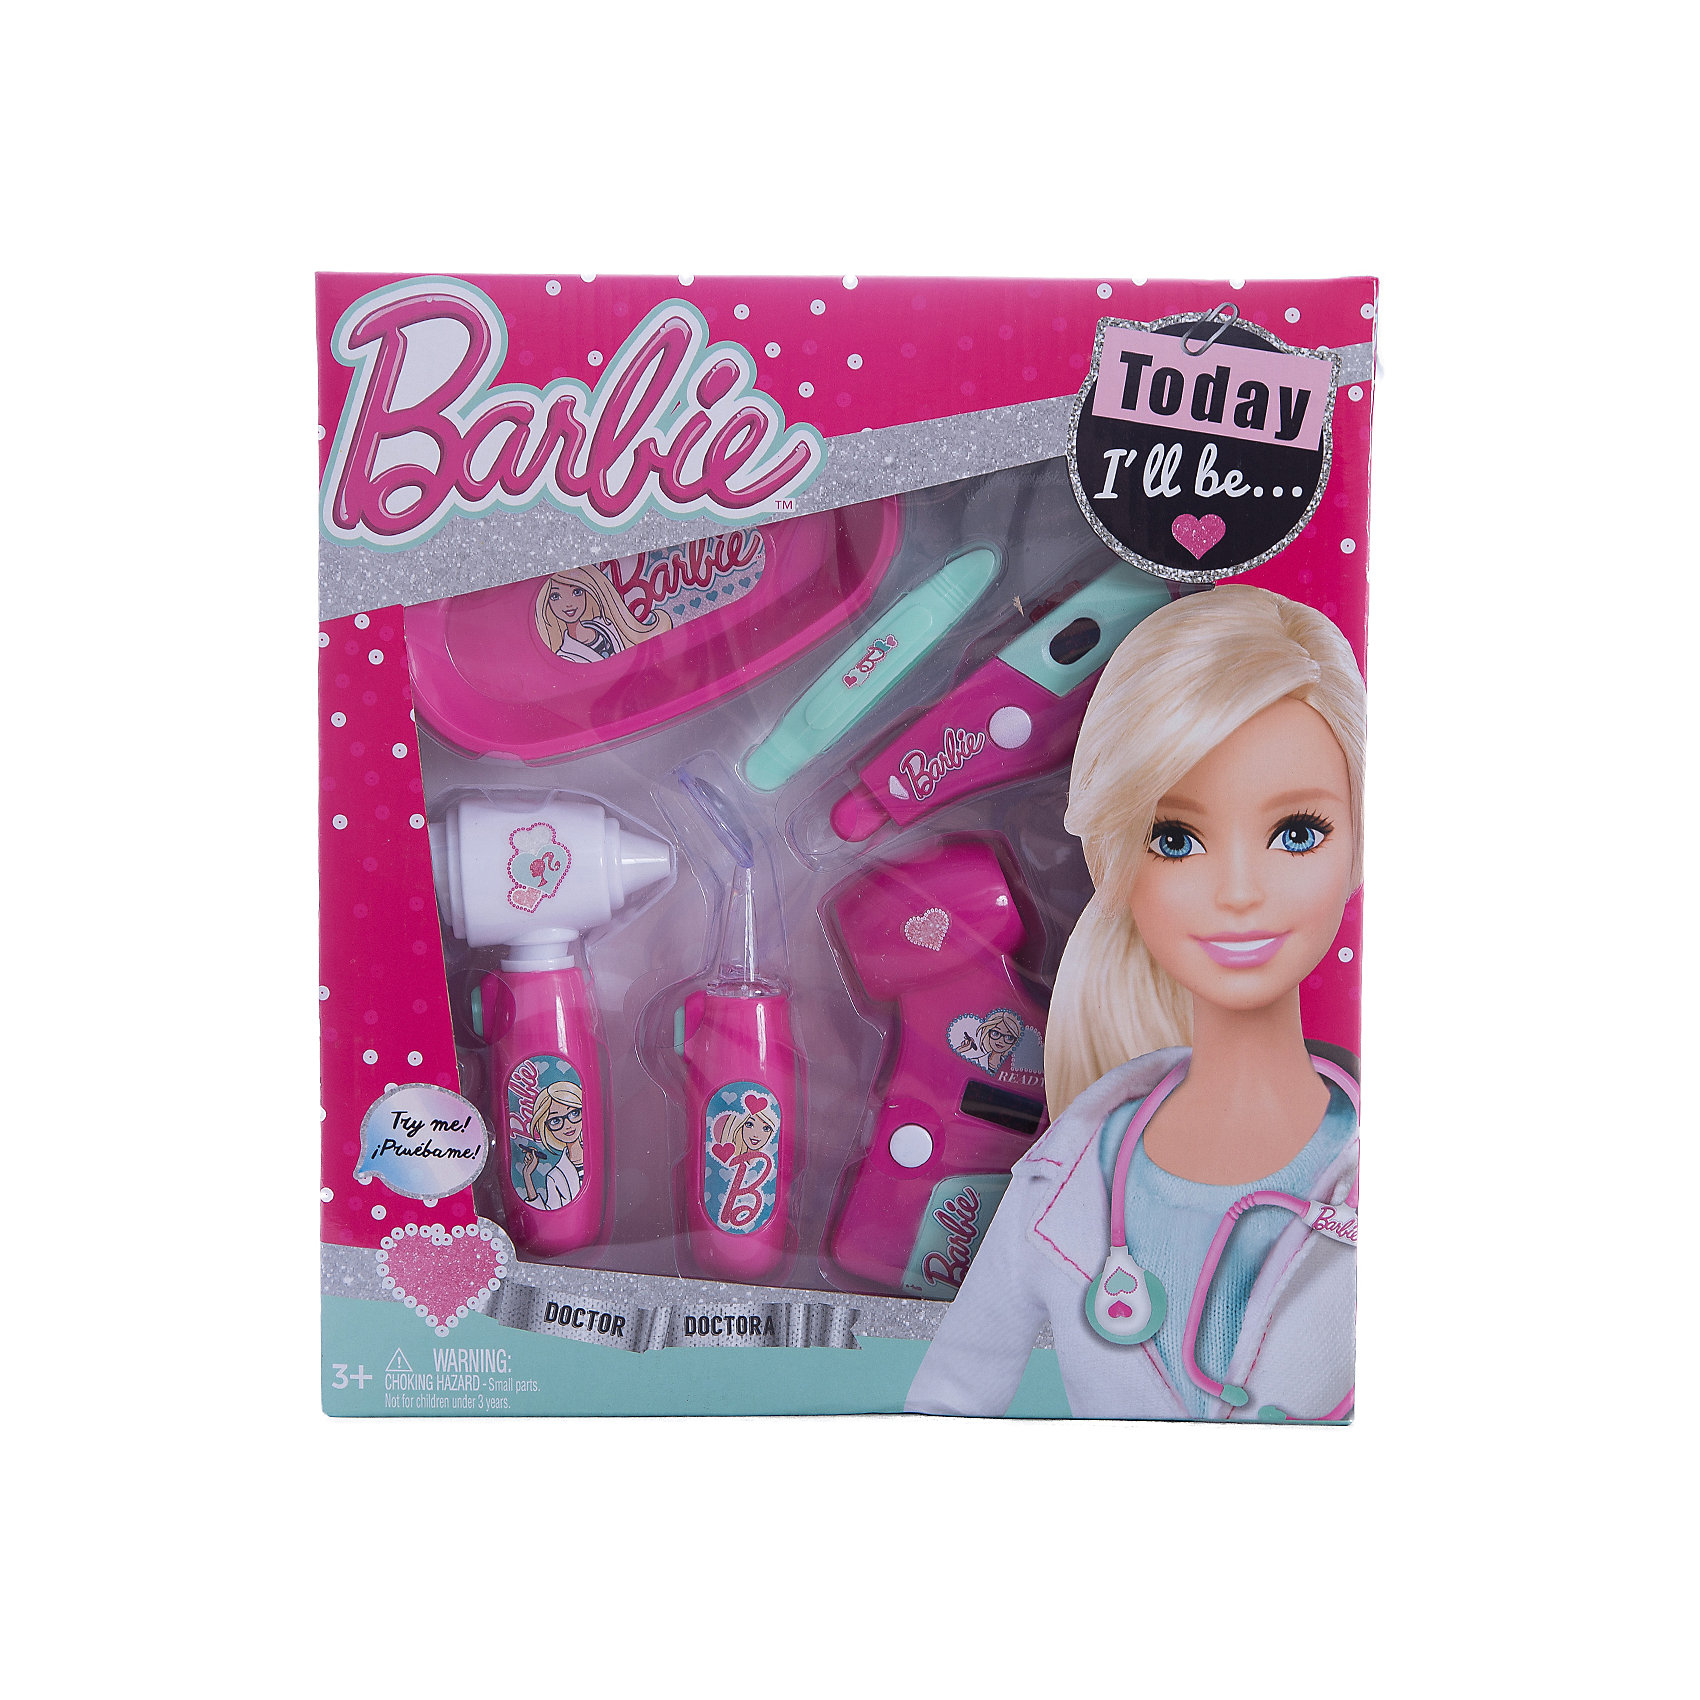 Игровой набор юного доктора компактный, BarbieХарактеристики игрового набора юного доктора:<br><br>• оформление набора в стиле Барби;<br>• звуковые эффекты;<br>• батарейки в комплекте;<br>• материал: пластик;<br>• размер упаковки: 25,5х4х28 см.<br><br>Игра в доктора является неотъемлемой частью детского досуга. Девочки вооружаются игрушечными шприцами, градусниками и стетоскопами и «лечат» всех своих пациентов. Детали игрового набора Barbie изготовлены из нетоксичного гипоаллергенного пластика. Набор оформлен в стиле куклы Барби. <br><br>Комплектация игрового набора:<br><br>• электронный отоскоп;<br>• электронный пейджер;<br>• неврологический молоточек;<br>• шприц;<br>• ножницы;<br>• батарейки: 2xAG13/LR44 (миниатюрные) + 2хAG10;<br>• картонная упаковка с прозрачным окошком;<br>• инструкция.<br><br>Игровой набор юного доктора компактный, Barbie можно купить в нашем магазине.<br><br>Ширина мм: 260<br>Глубина мм: 280<br>Высота мм: 400<br>Вес г: 351<br>Возраст от месяцев: 36<br>Возраст до месяцев: 2147483647<br>Пол: Женский<br>Возраст: Детский<br>SKU: 5238935